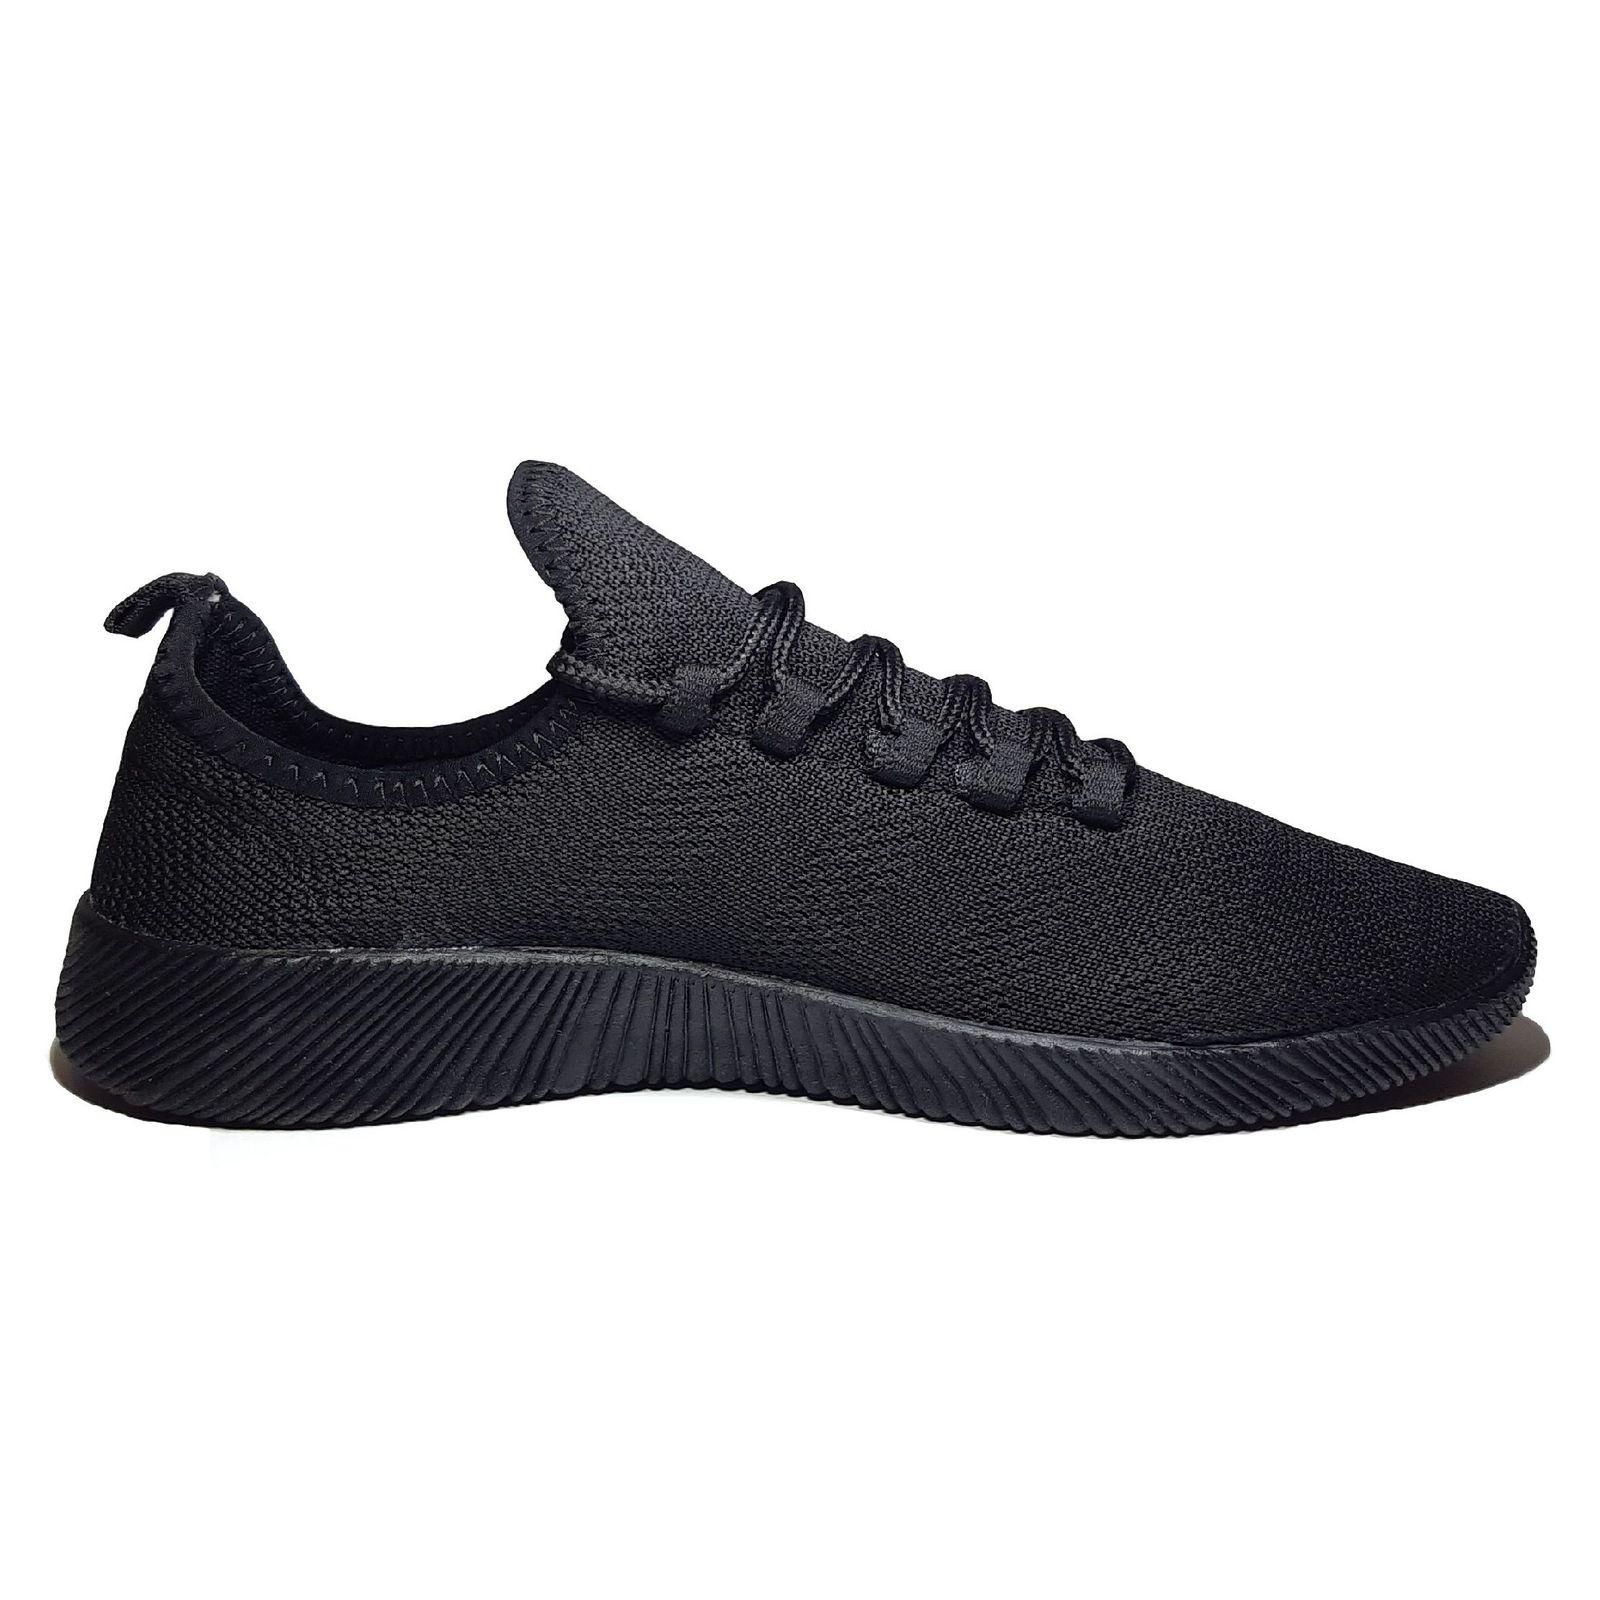 کفش مخصوص پیاده روی زنانه مدل Dharma Black W main 1 2